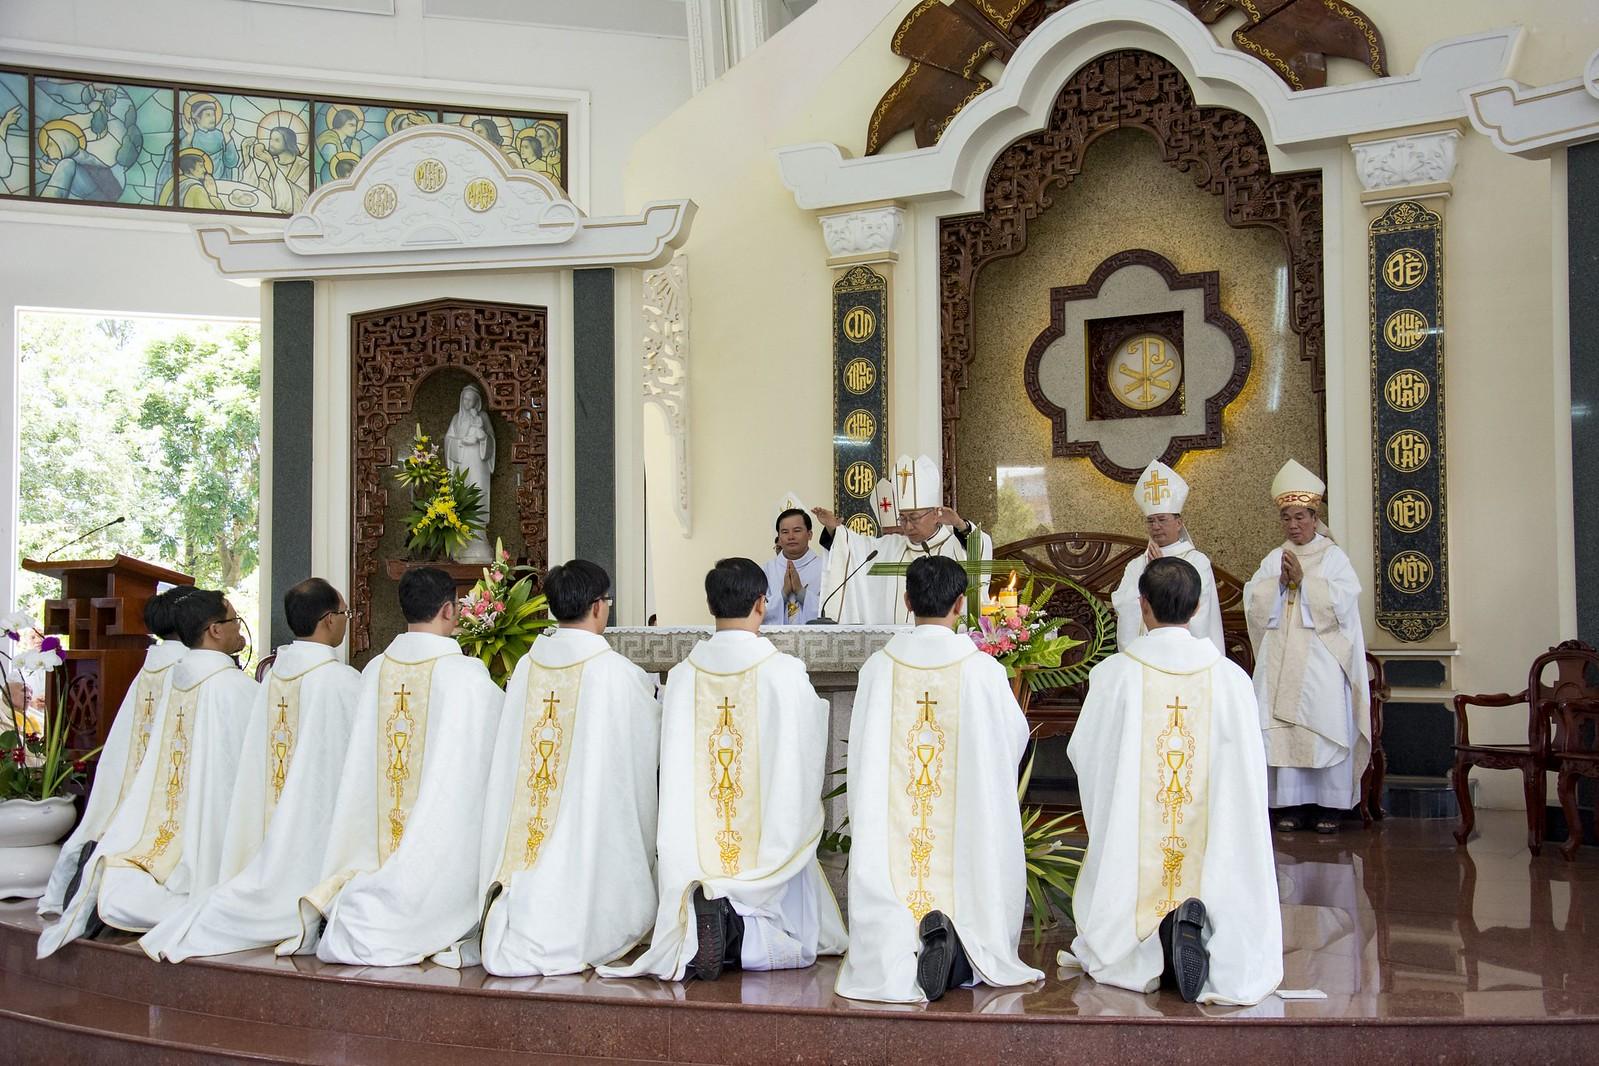 Đan Viện Thánh Mẫu Phước Sơn : Thánh Lễ Truyền Chức Linh Mục - Ảnh minh hoạ 18